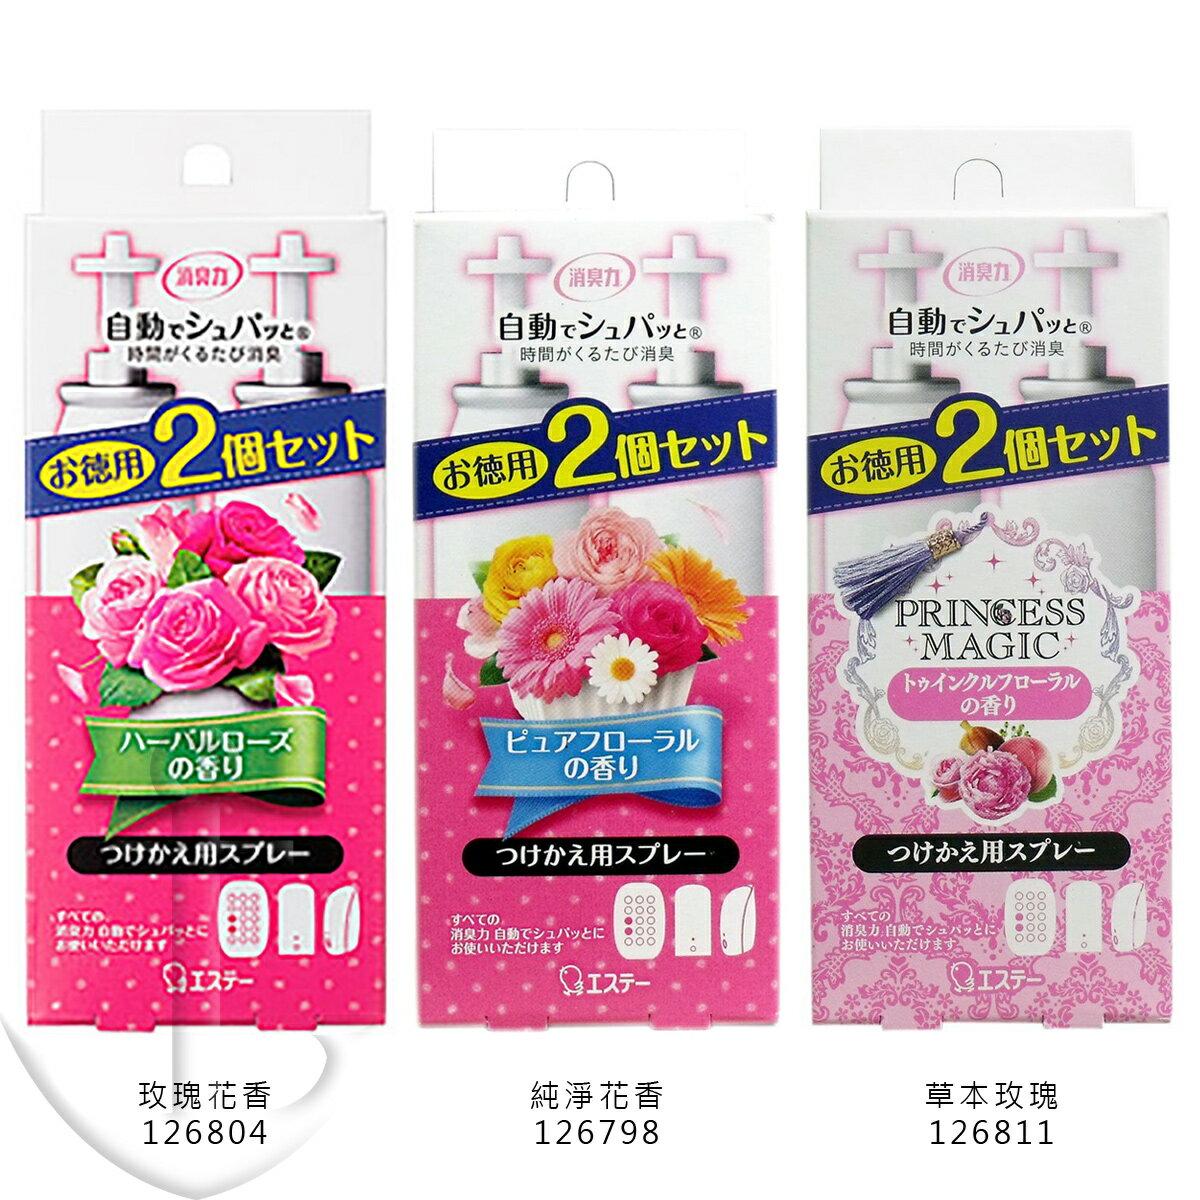 日本雞仔牌自動芳香劑 自動噴霧除臭機芳香機噴霧機補充罐 浴室廁所客廳擴香 3